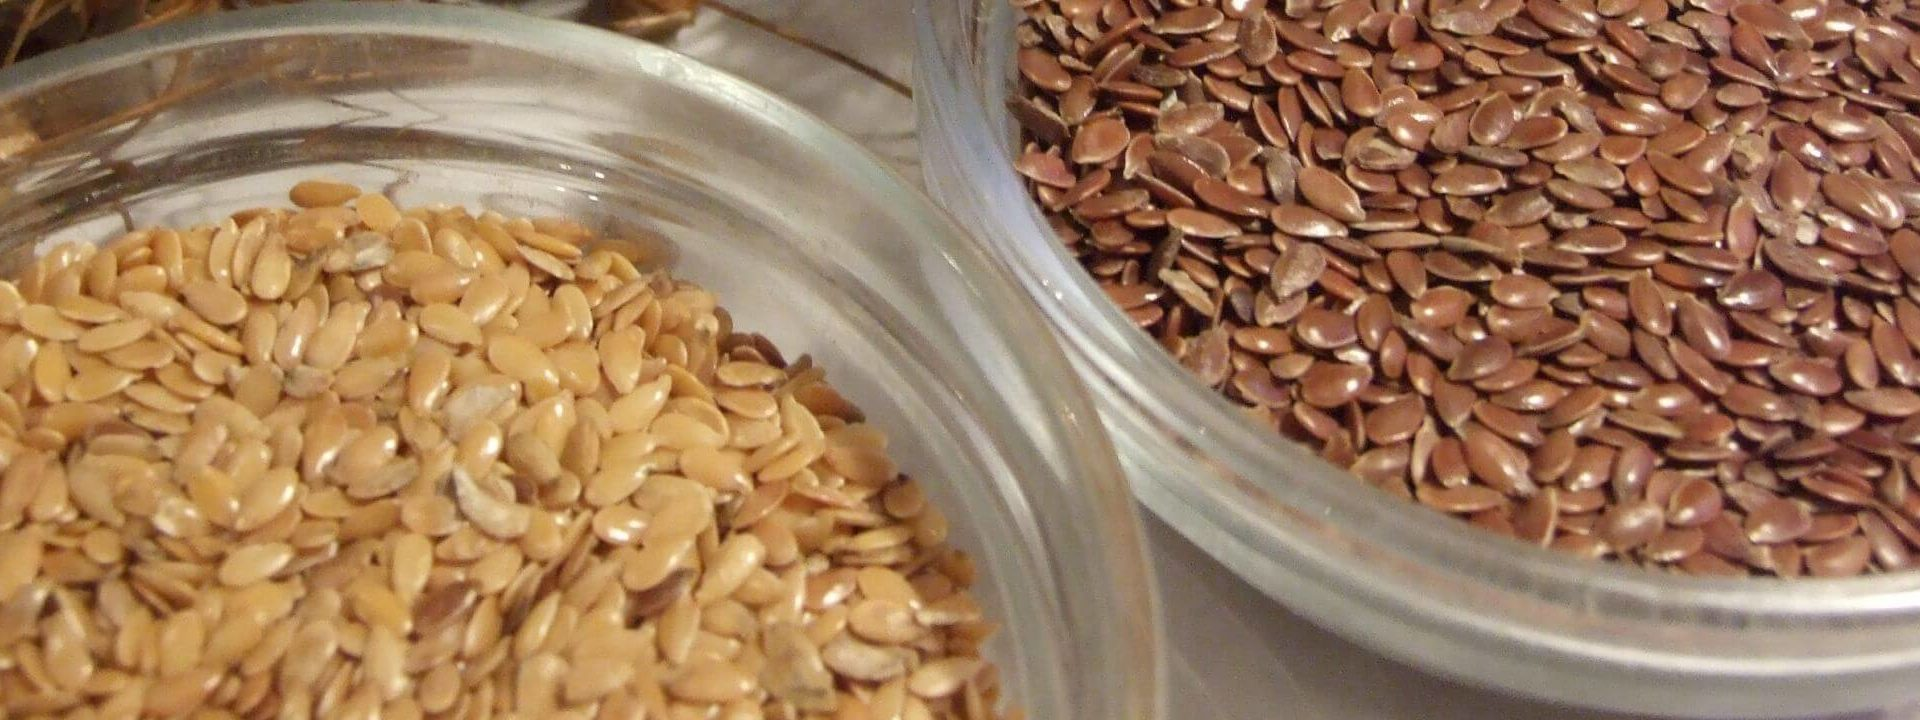 Siemię lniane. Nasiona lnu najbogatszym źródłem roślinnej omegi-3 (!)